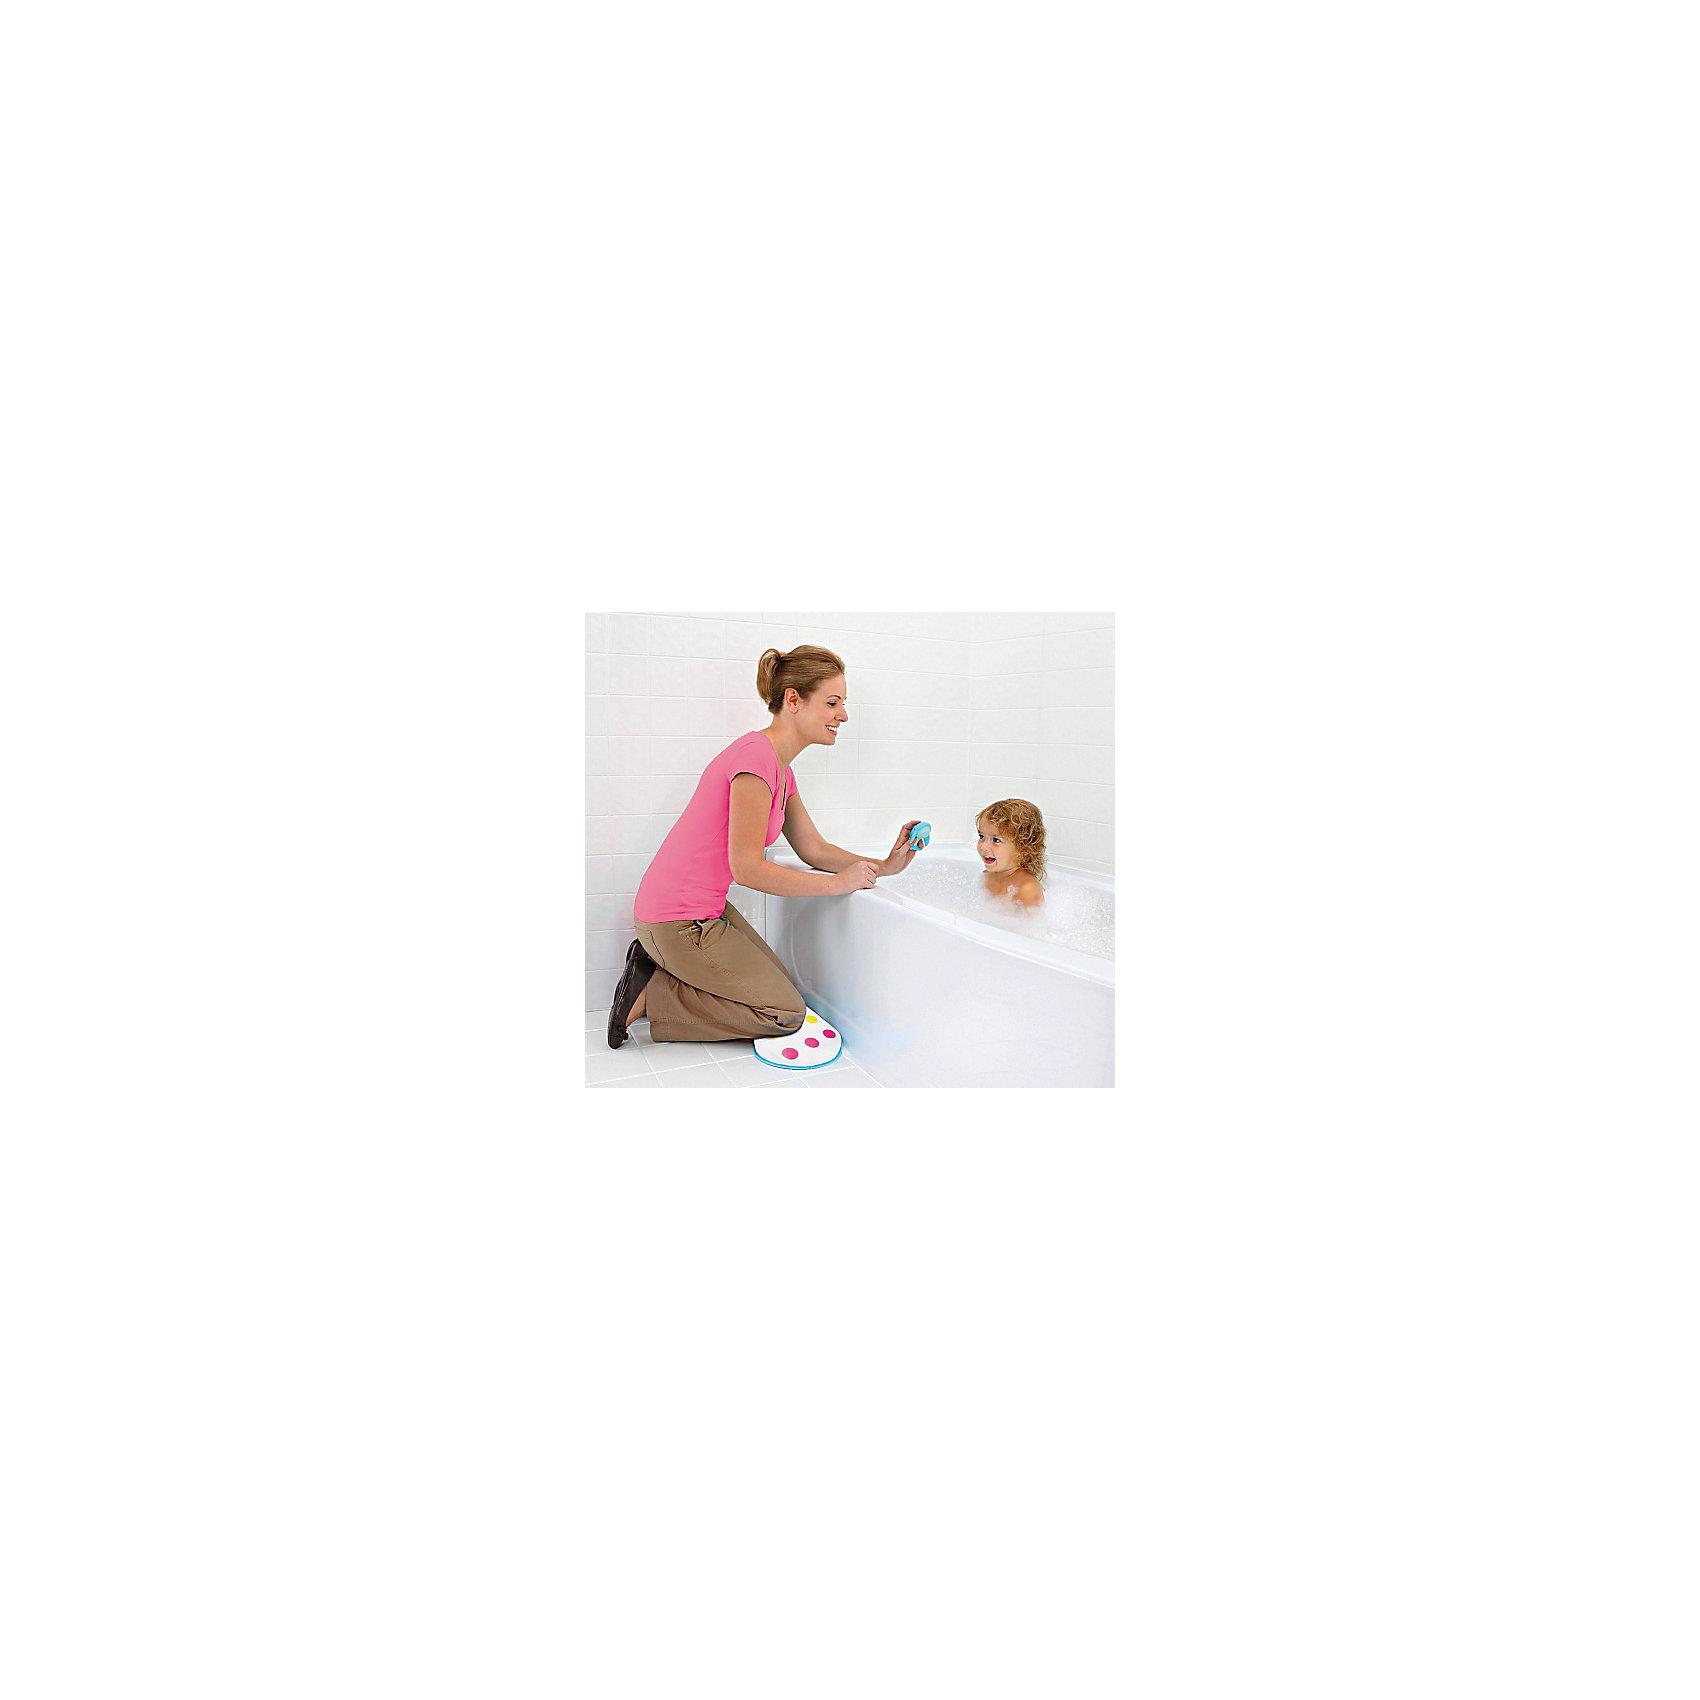 Подушка для коленей, MunchkinПрочие аксессуары<br>Подушка для коленей, Munchkin (Манчкин) - это мягкая амортизирующая поддержка коленей во время купания ребенка.<br>Купание малыша - процесс приятный и полезный, но при этом привычные банные процедуры могут отнимать много сил у мамы, ведь ей приходится часто наклоняться, чтобы достать до ребенка. Специальная подушка для коленей от Munchkin (Манчкин) упростит купание малыша и сделает его более удобным. Подложите подушку себе под колени, и благодаря мягкой поверхности, вы будете чувствовать себя гораздо комфортнее. Подушка выполнена из непромокаемого материала, текстурное непромокаемое основание не скользит по мокрому полу. Ее можно подвесить для сушки или хранения. Американская компания Munchkin (Манчкин) на протяжении более 25 лет работает над тем, чтобы избавить мир от надоевших прозаических товаров и облегчить жизнь каждого родителя, предлагая инновационные решения для ухода за малышом. Munchkin (Манчкин) знает, что именно небольшие детали в жизни родителей и детей имеют решающее значение. Товары компании способны превратить обыденные задачи в настоящее удовольствие! Munchkin (Манчкин) делает жизнь родителей легче!<br><br>Дополнительная информация:<br><br>- Материал: ПВХ<br>- Размер упаковки: 4х45х27 см.<br>- Вес: 100 гр.<br><br>Подушку для коленей, Munchkin (Манчкин) можно купить в нашем интернет-магазине.<br><br>Ширина мм: 40<br>Глубина мм: 450<br>Высота мм: 270<br>Вес г: 100<br>Возраст от месяцев: 0<br>Возраст до месяцев: 36<br>Пол: Унисекс<br>Возраст: Детский<br>SKU: 4701932